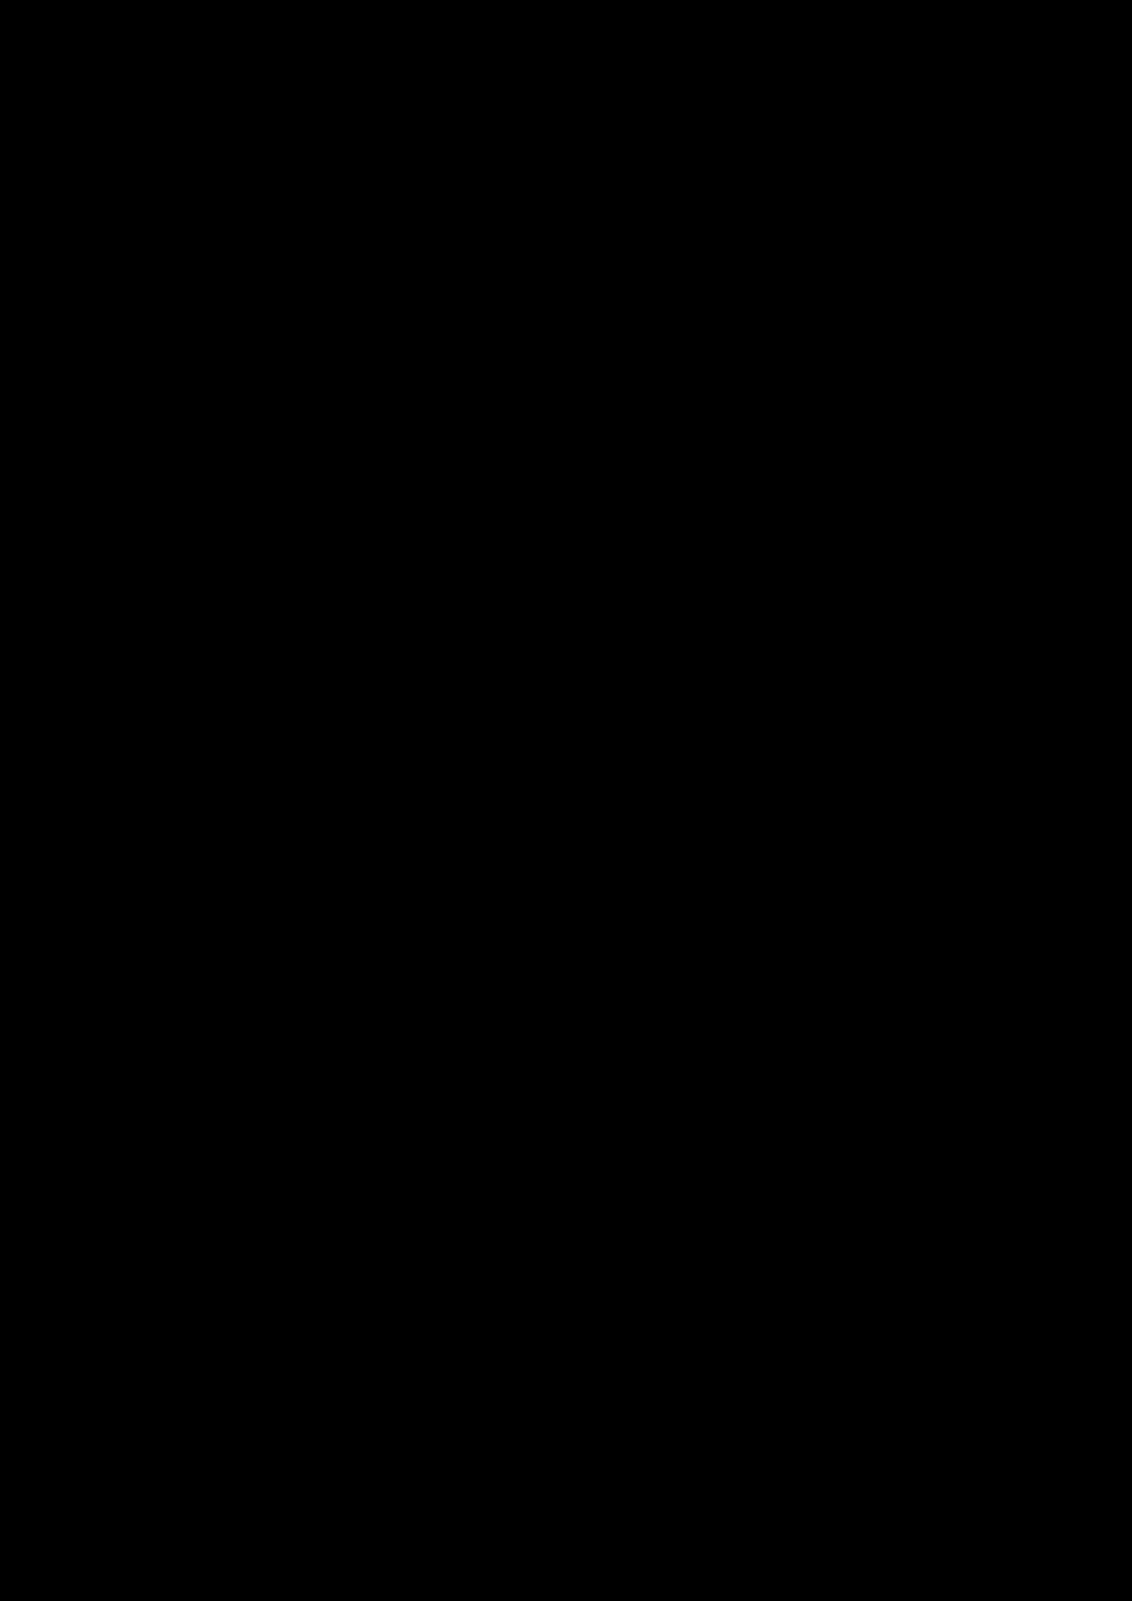 Hools slide, Image 9